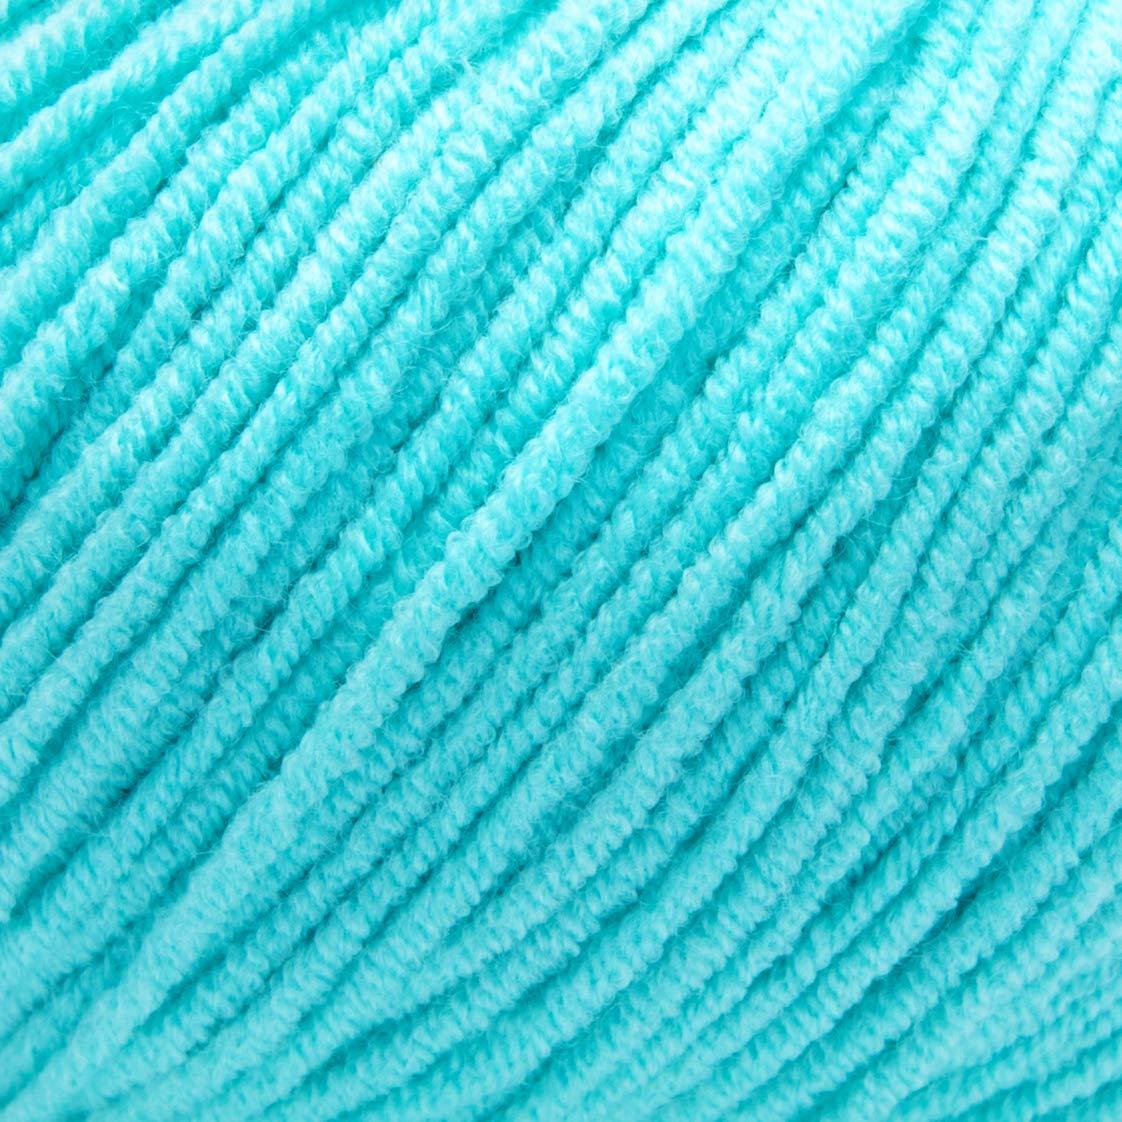 ggh Malibu - 011 - Turquesa - Algodón para tejer y hacer ganchillo: Amazon.es: Hogar